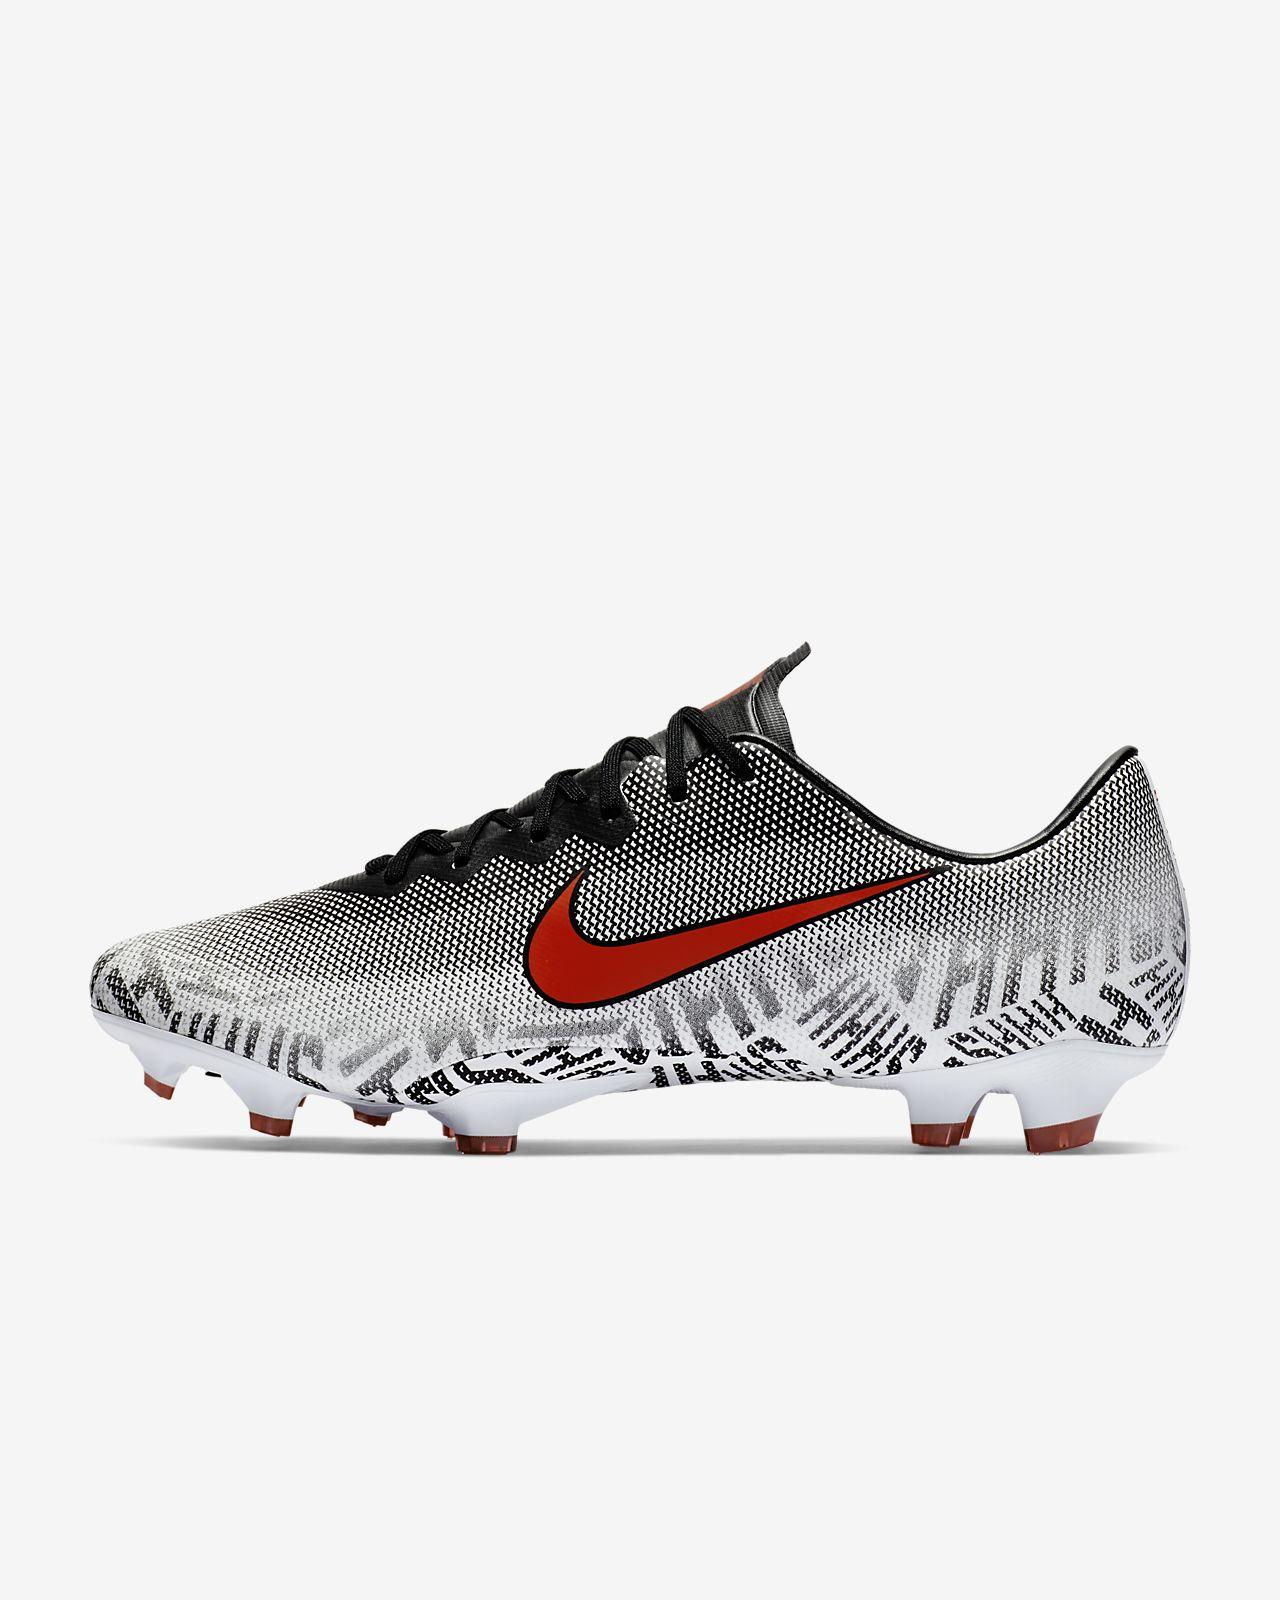 Chaussure de football à crampons pour terrain sec Nike Mercurial Vapor XII Pro Neymar Jr pour Homme